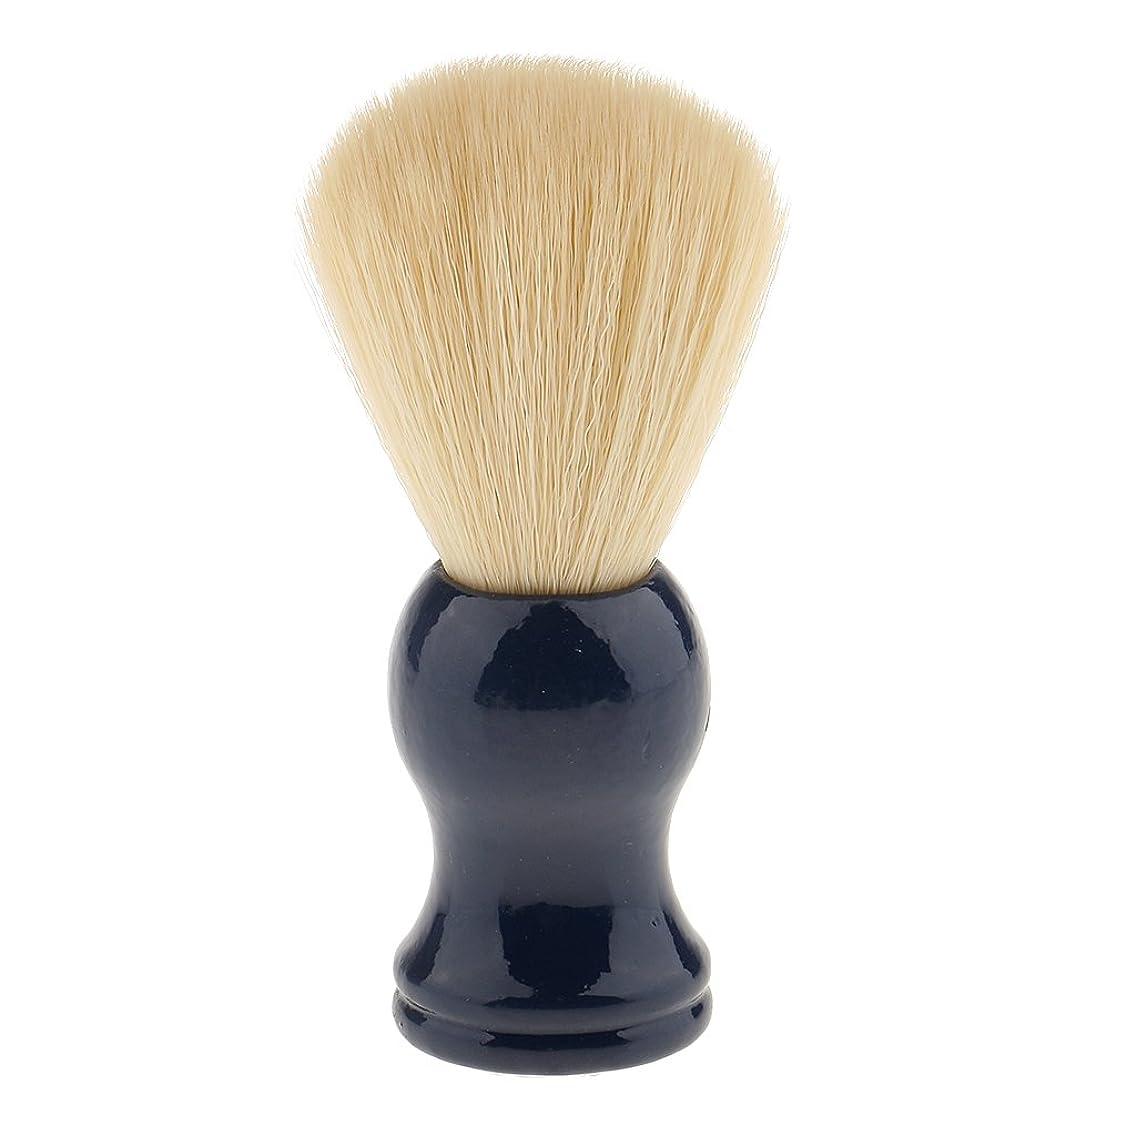 機械的に肯定的バーマドBaoblaze ナイロン ひげブラシ シェービング ブラシ 髭 泡立て 散髪整理  理髪用 サロン 快適 美容院